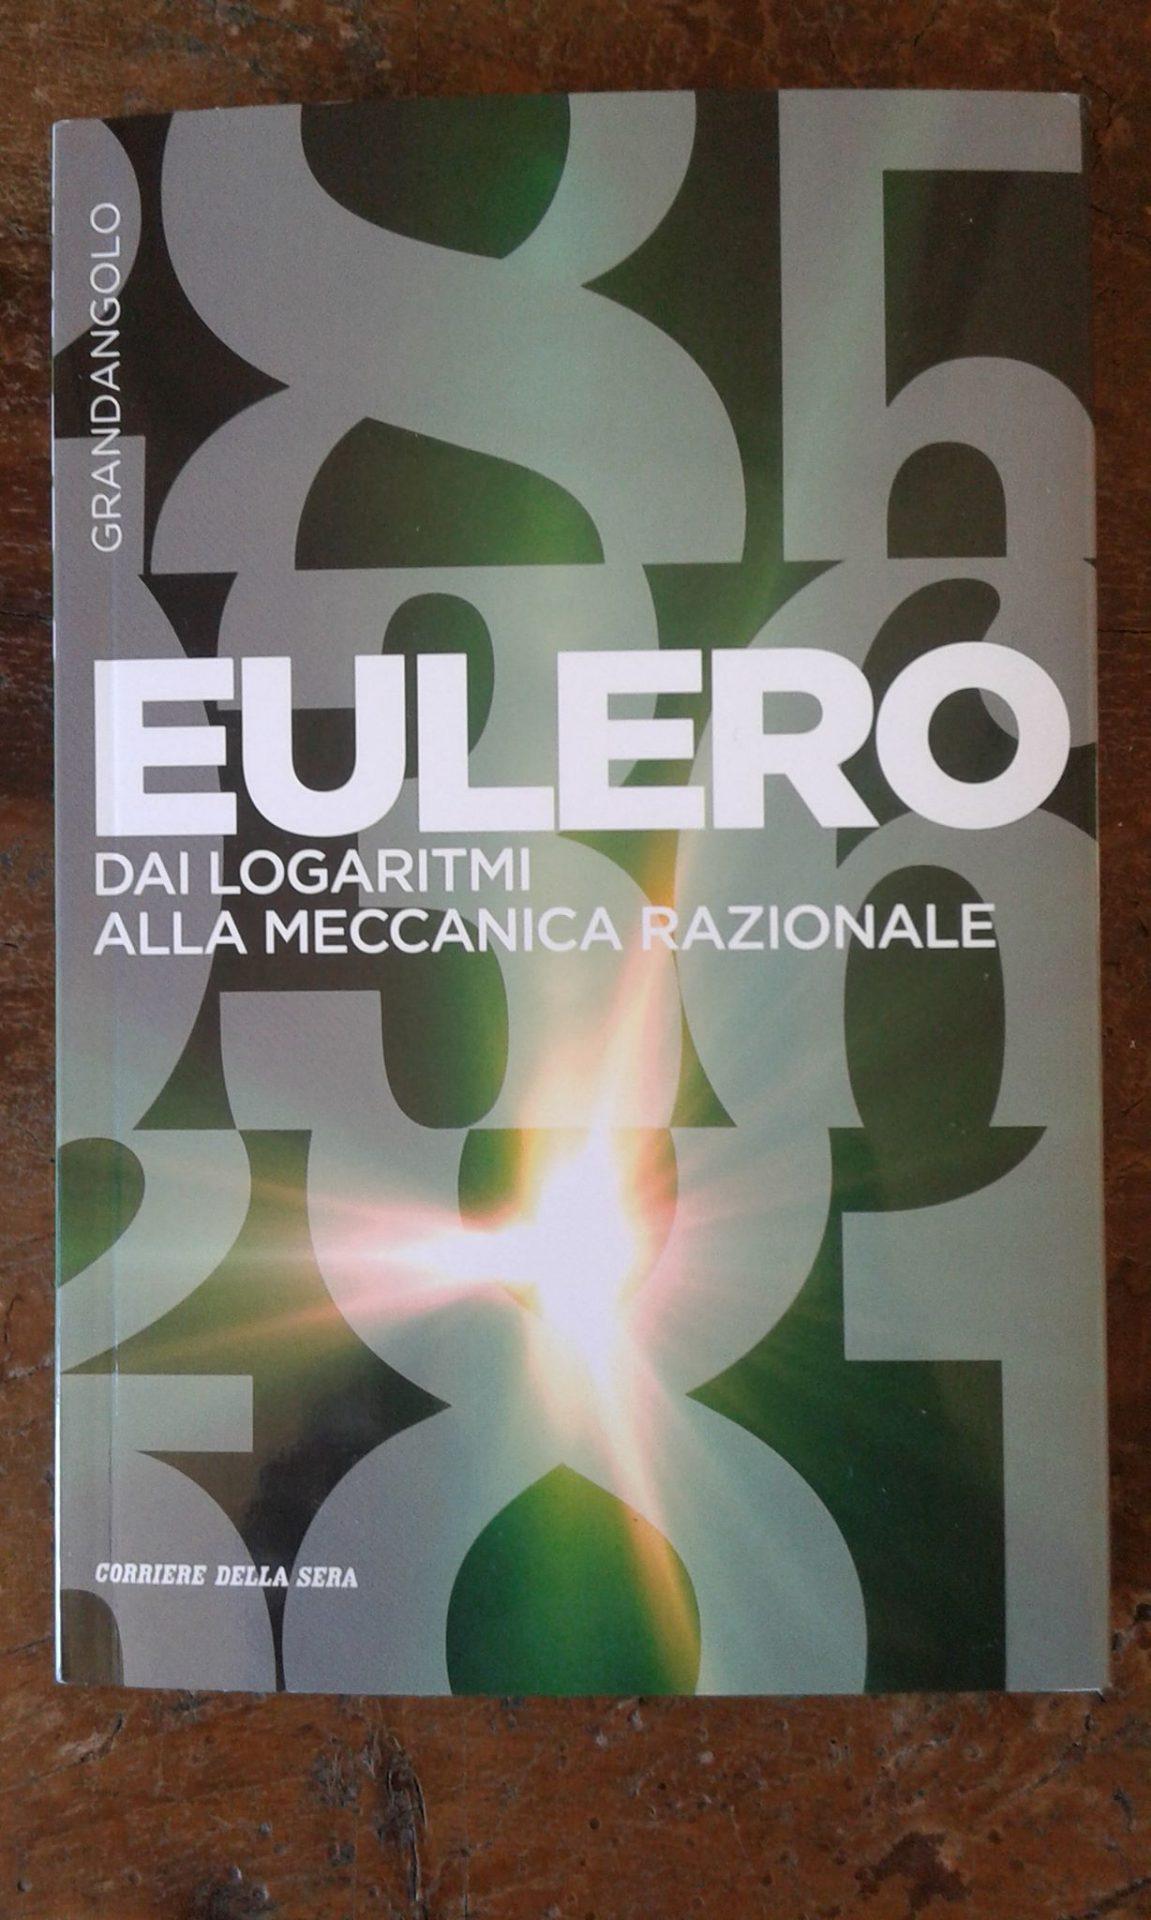 Eulero – dai logaritmi alla meccanica razionale (recensione)